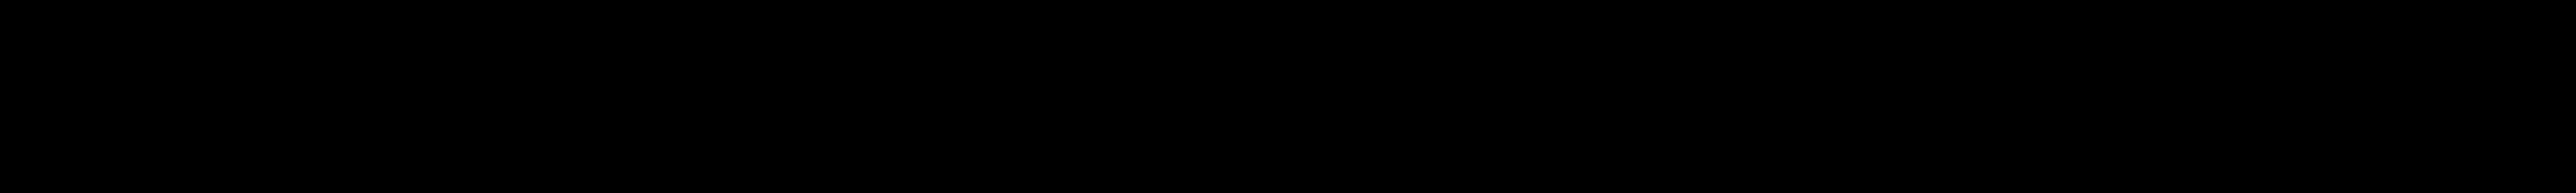 mardigrasdigital-logo--black@4x